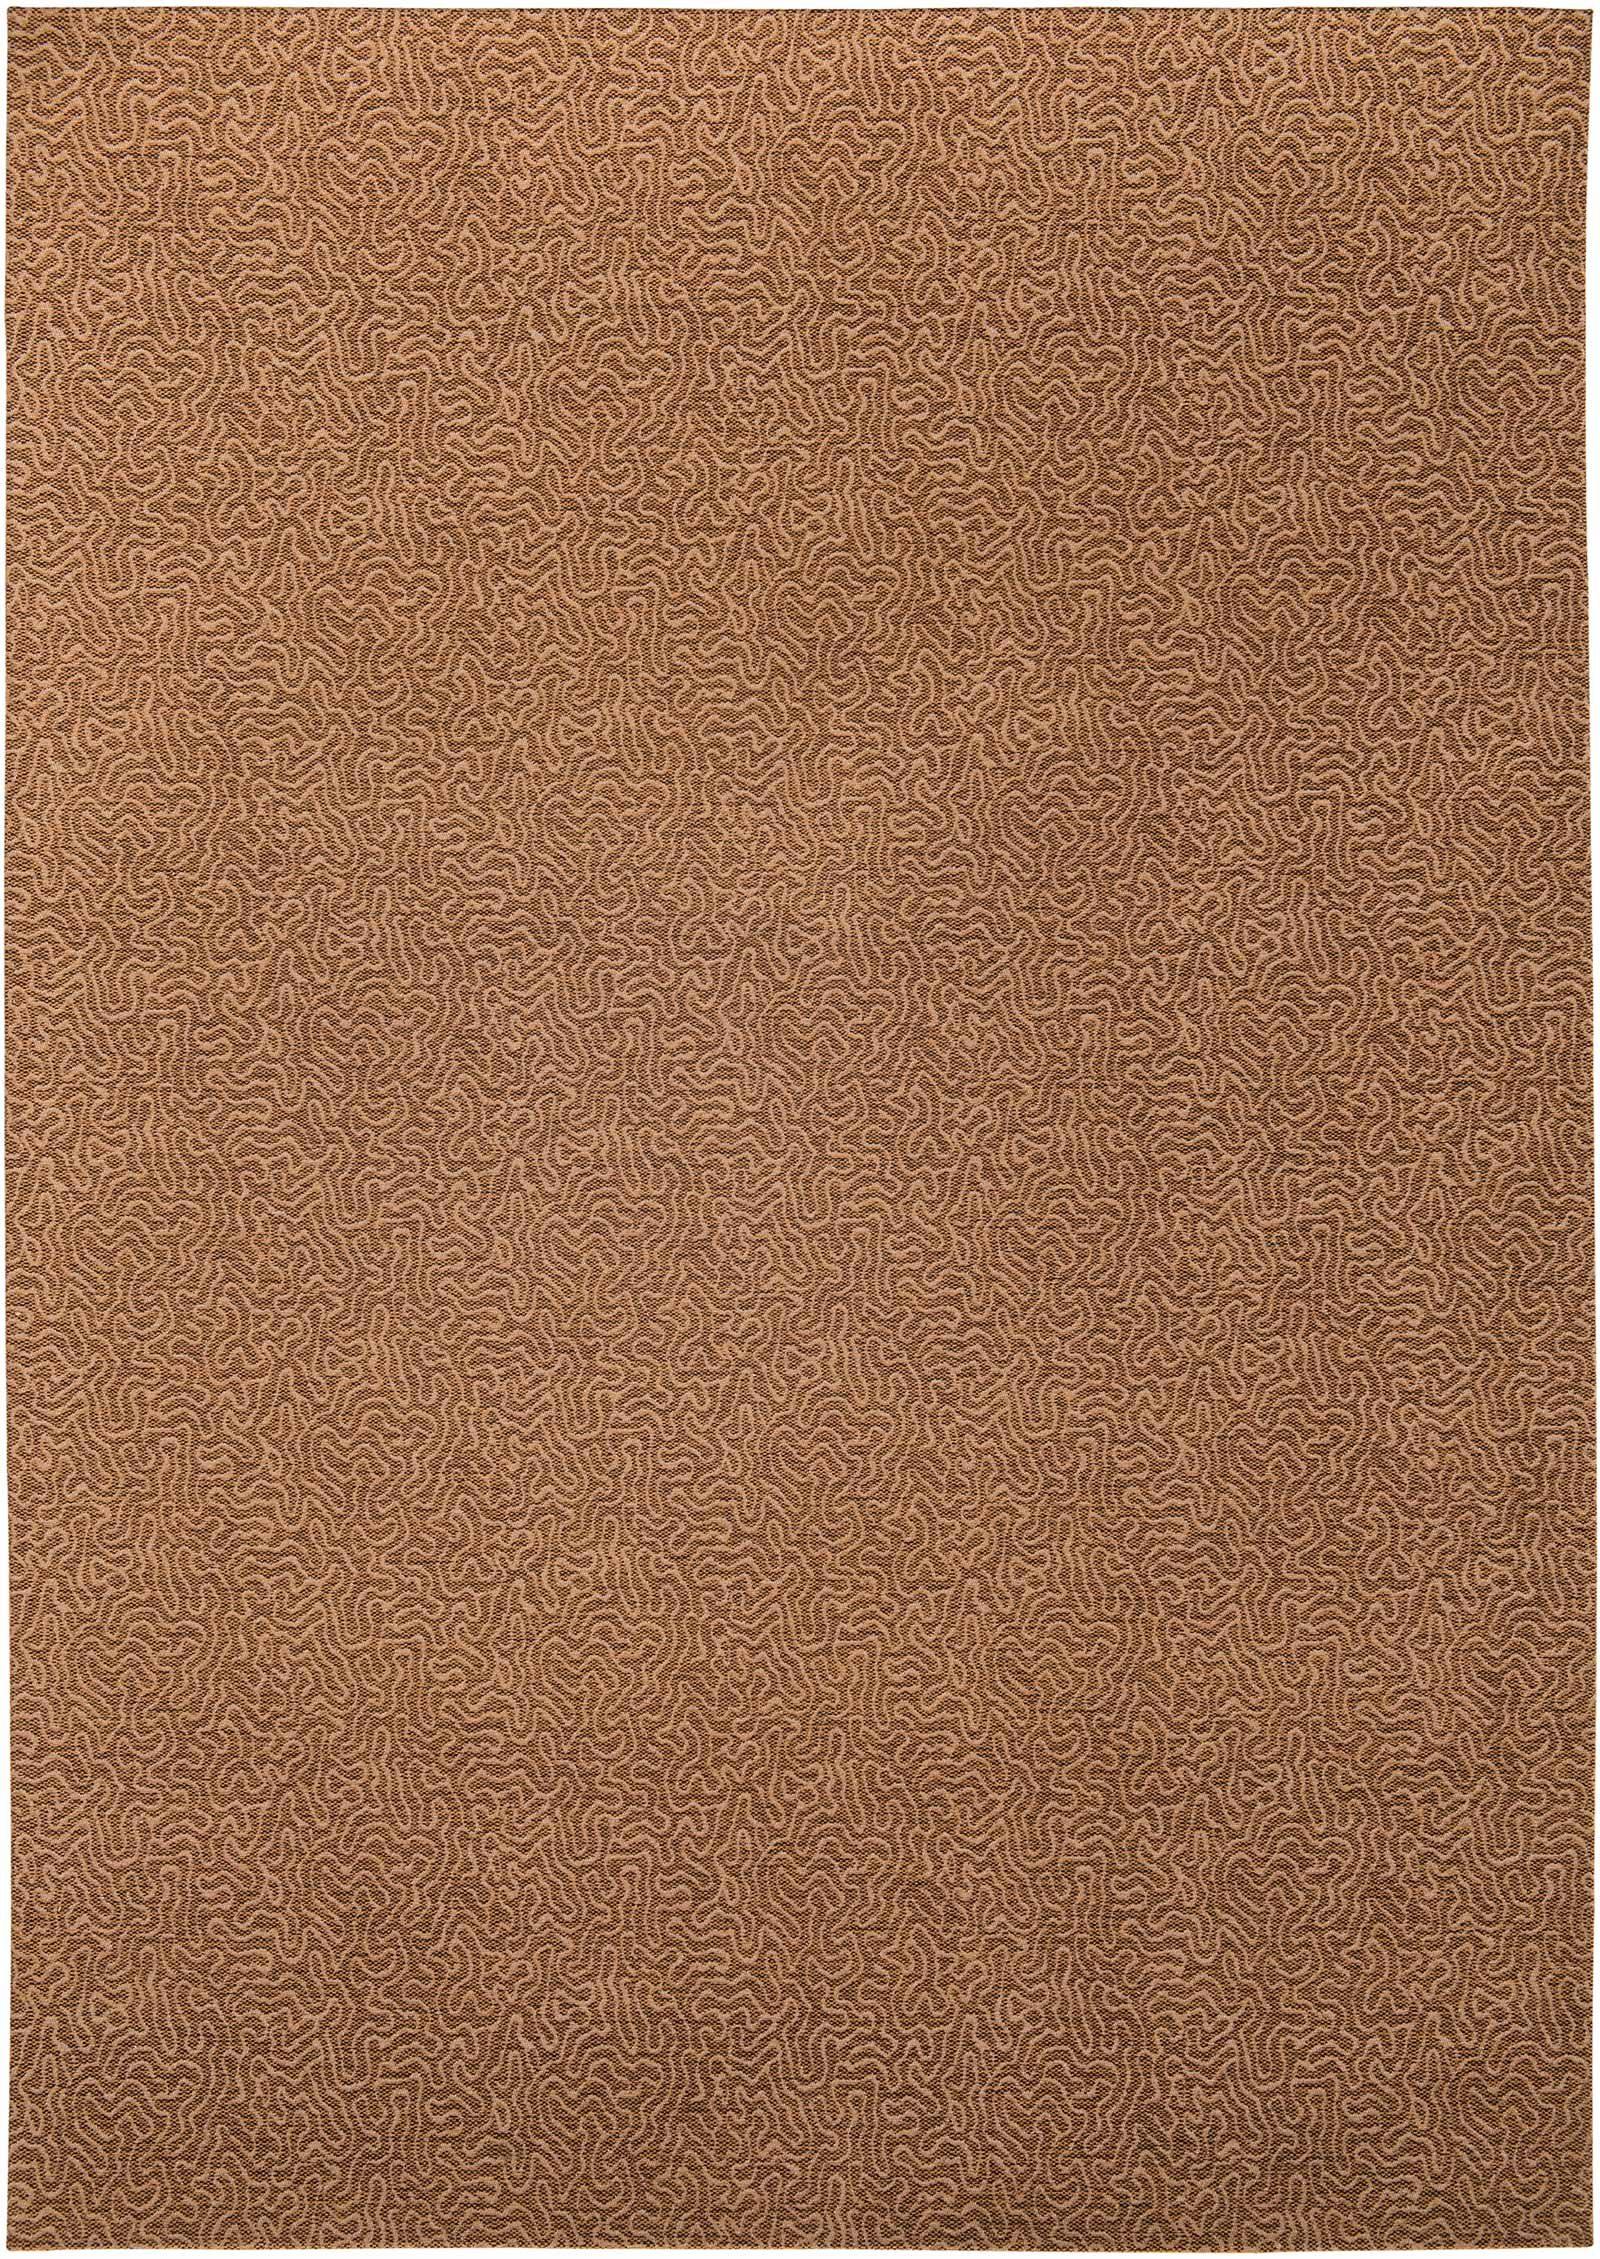 Louis De Poortere Jackies Wilton Rugs Coral 9006